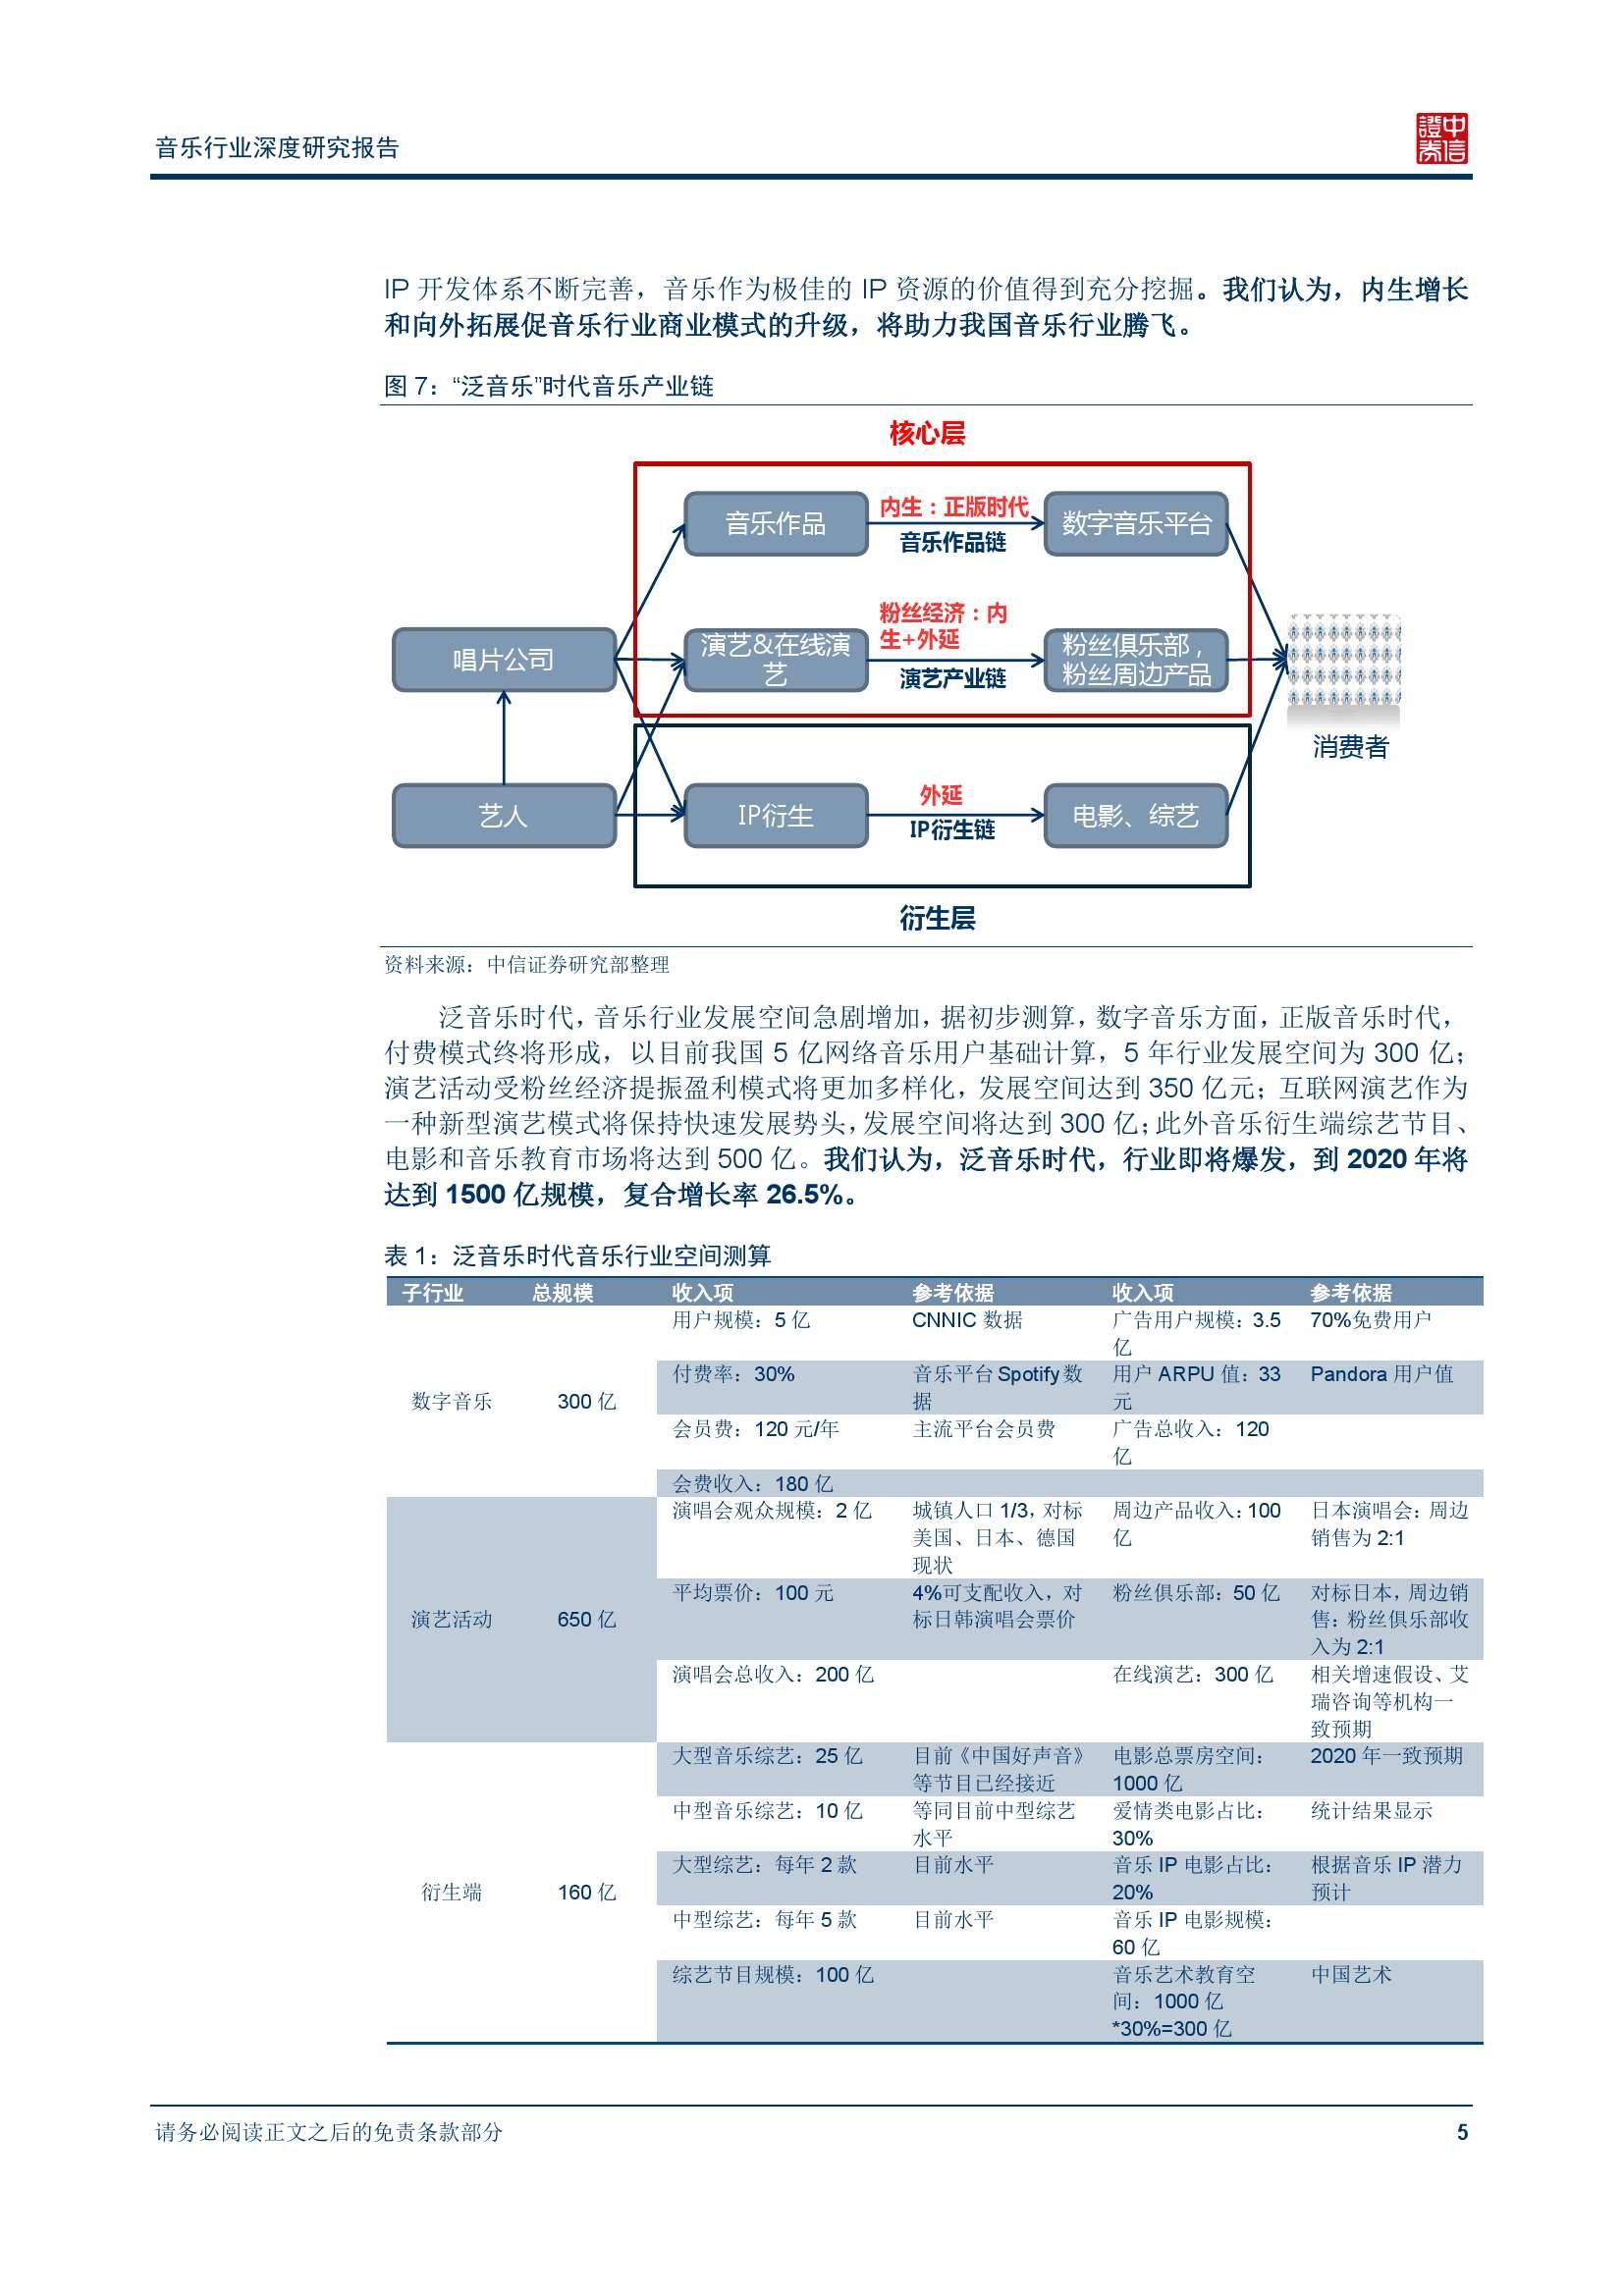 中信证券音乐行业深度研究报告_000010